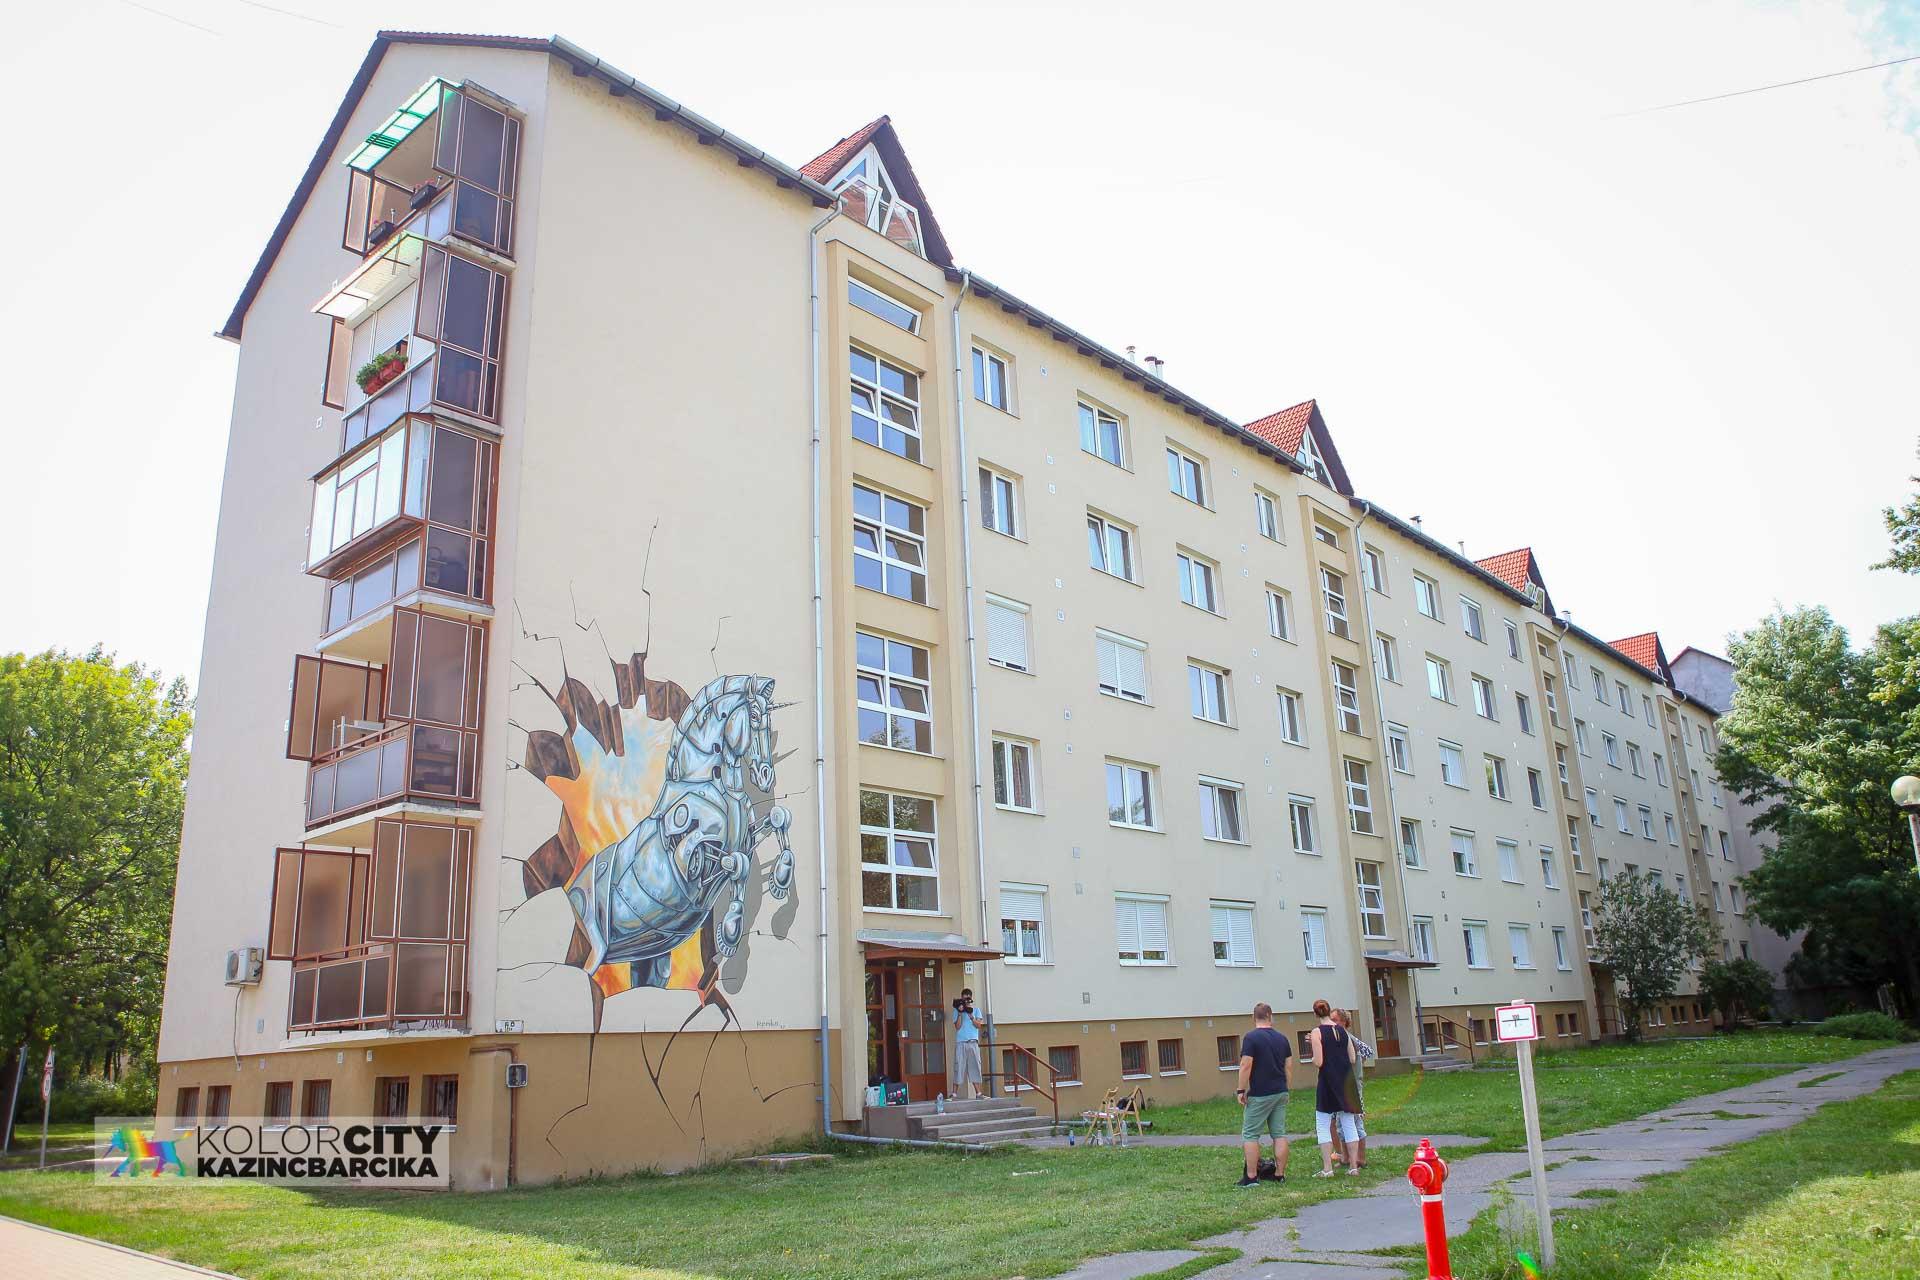 http://kolorline.hu/3D-s falfestés színesíti Kazincbarcikát